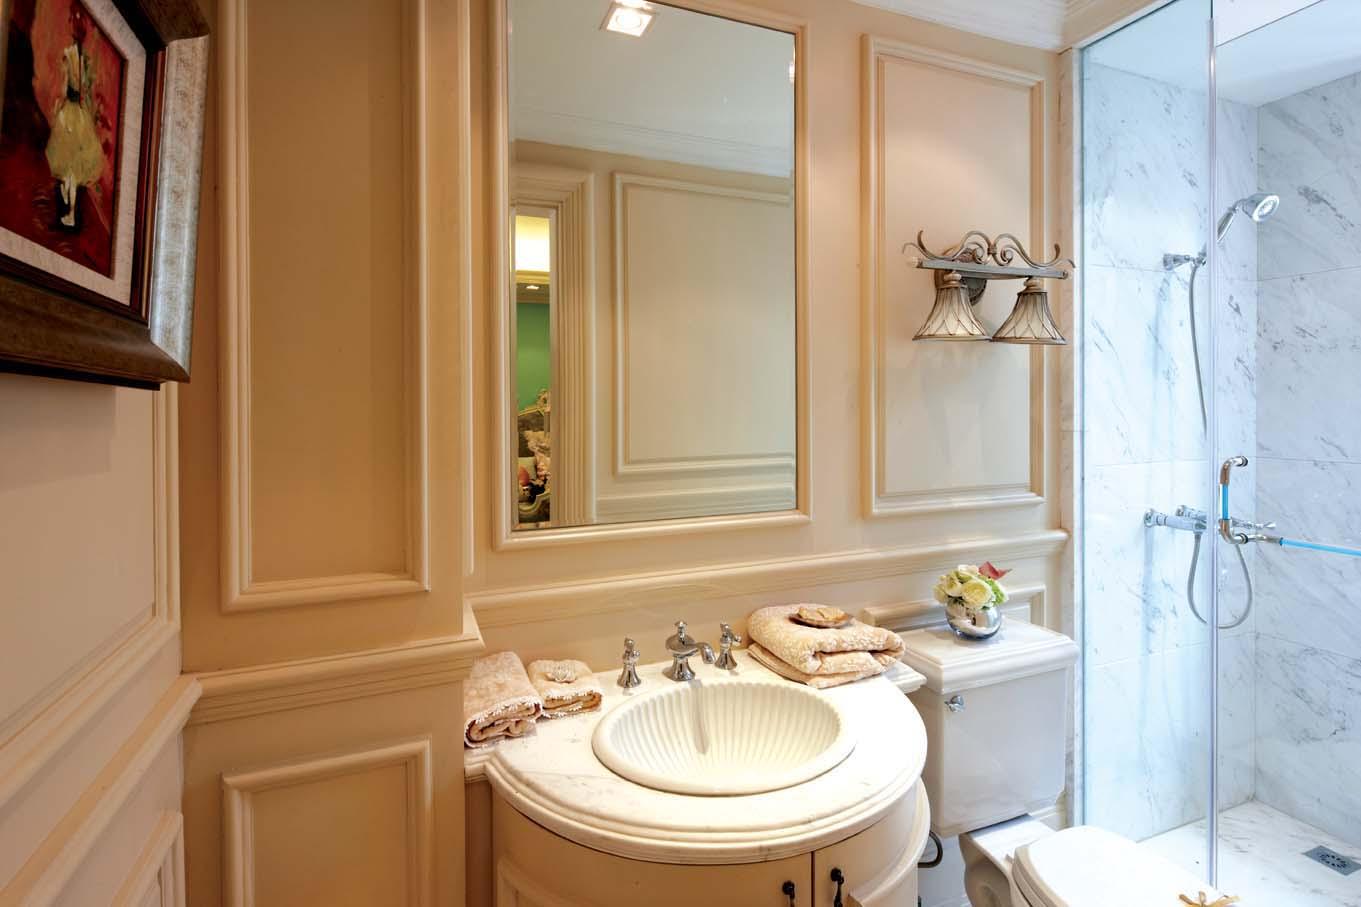 欧式风格 北京装修 装修风格 室内设计 装修设计 卫生间图片来自别墅装修设计yan在欧式风格鸿坤·林语墅的分享